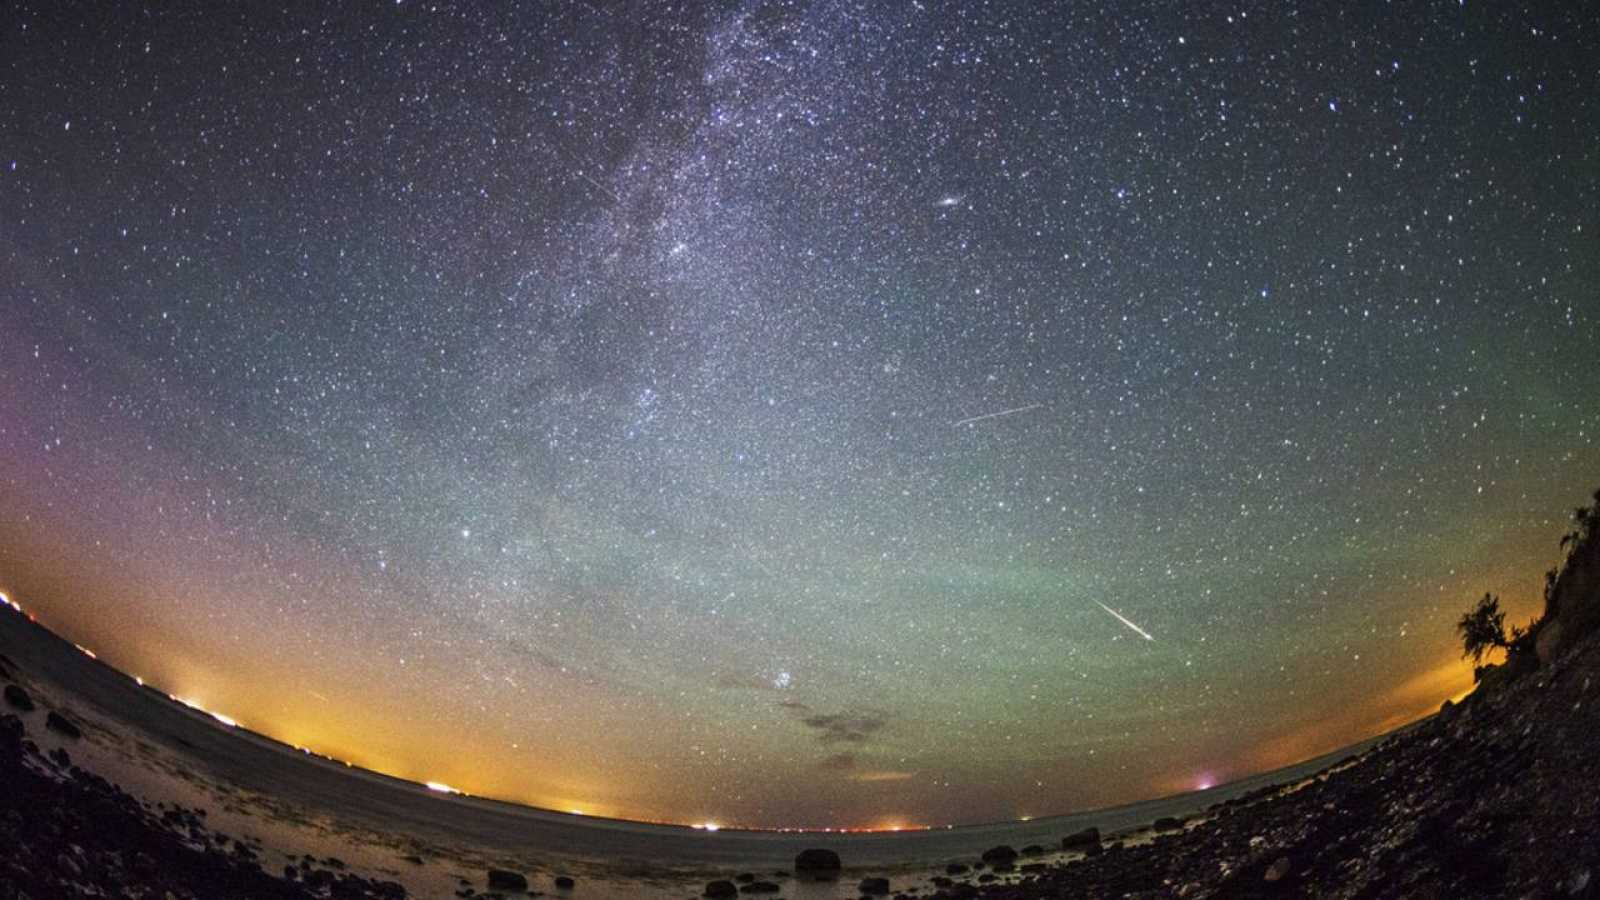 El próximo 11 y 12 de agosto se podrá observar la lluvia de estrellas de las Perseidas, más intensa este 2016 que otras ocasiones